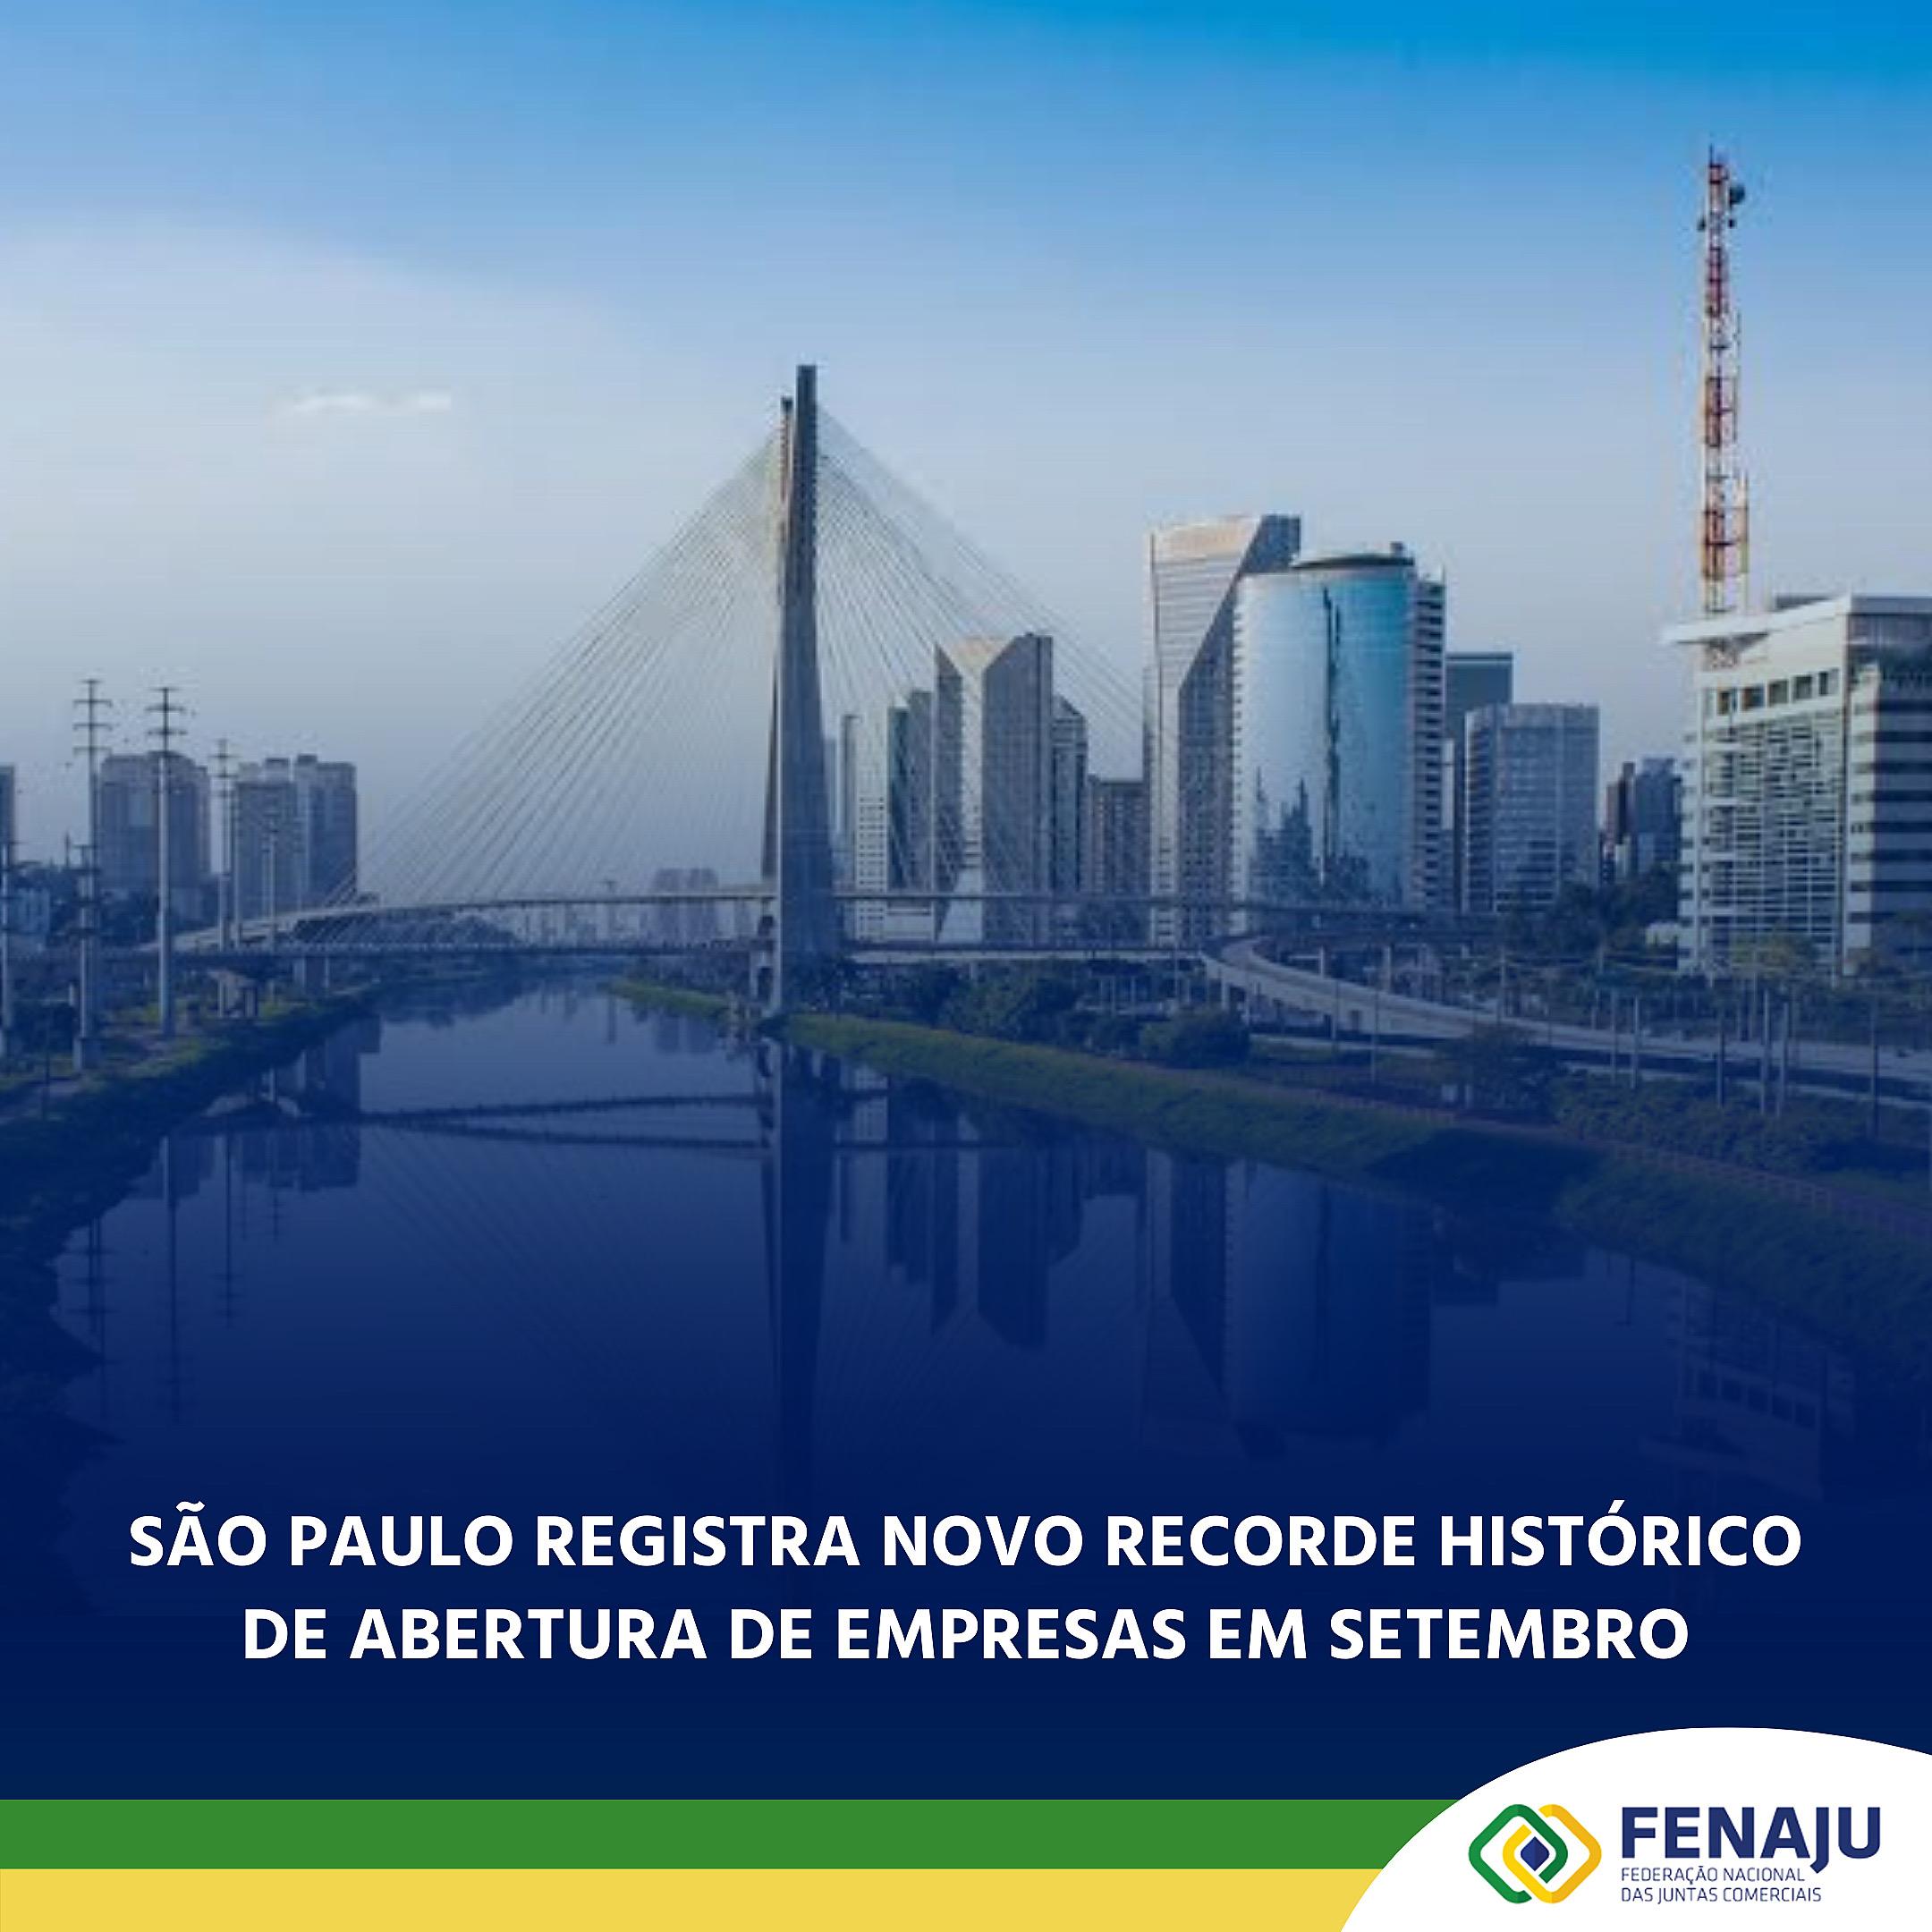 São Paulo registra novo recorde histórico de abertura de empresas em setembro